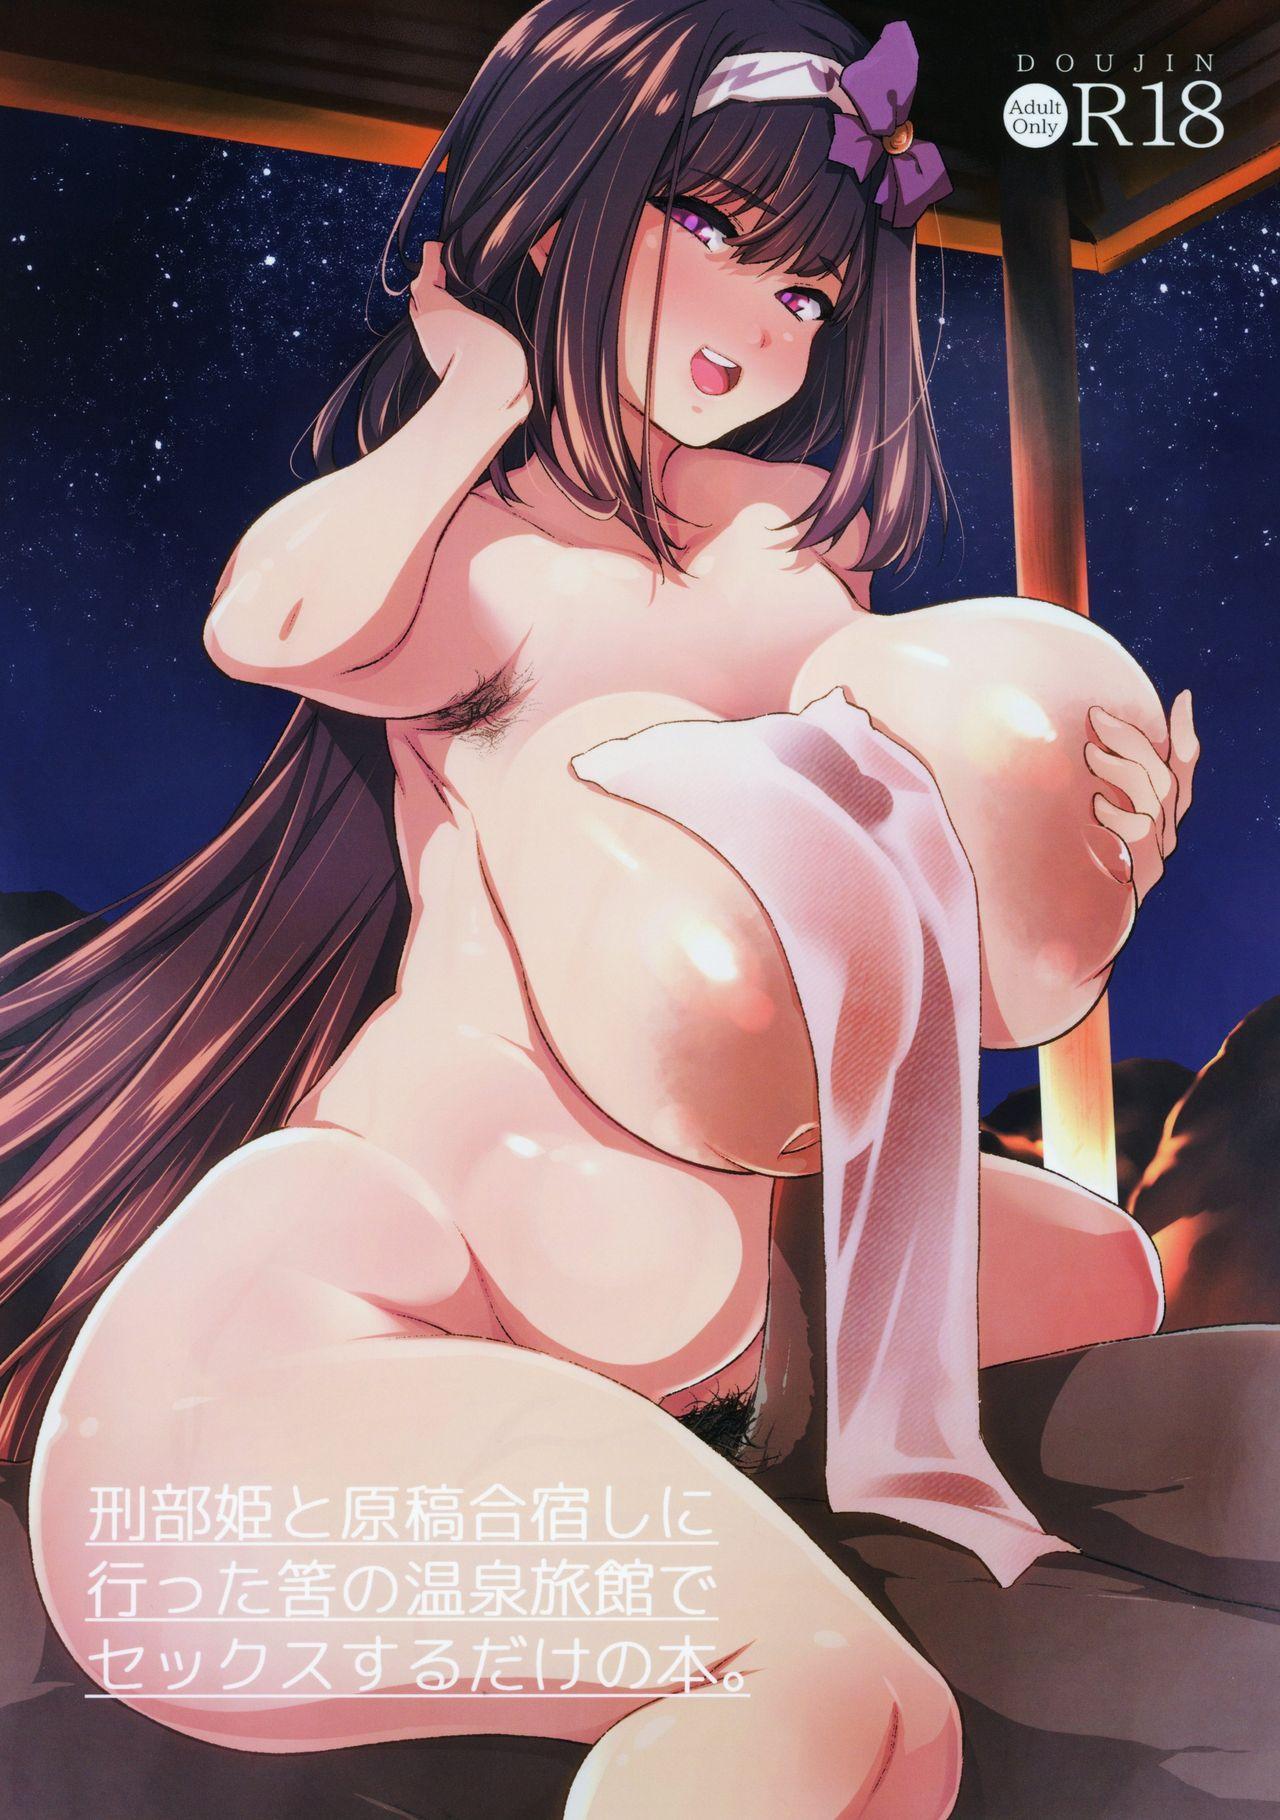 Osakabehime to Genkou Gasshuku Shi ni Itta Hazu no Onsen Ryokan de Sex Suru dake no Hon. 0